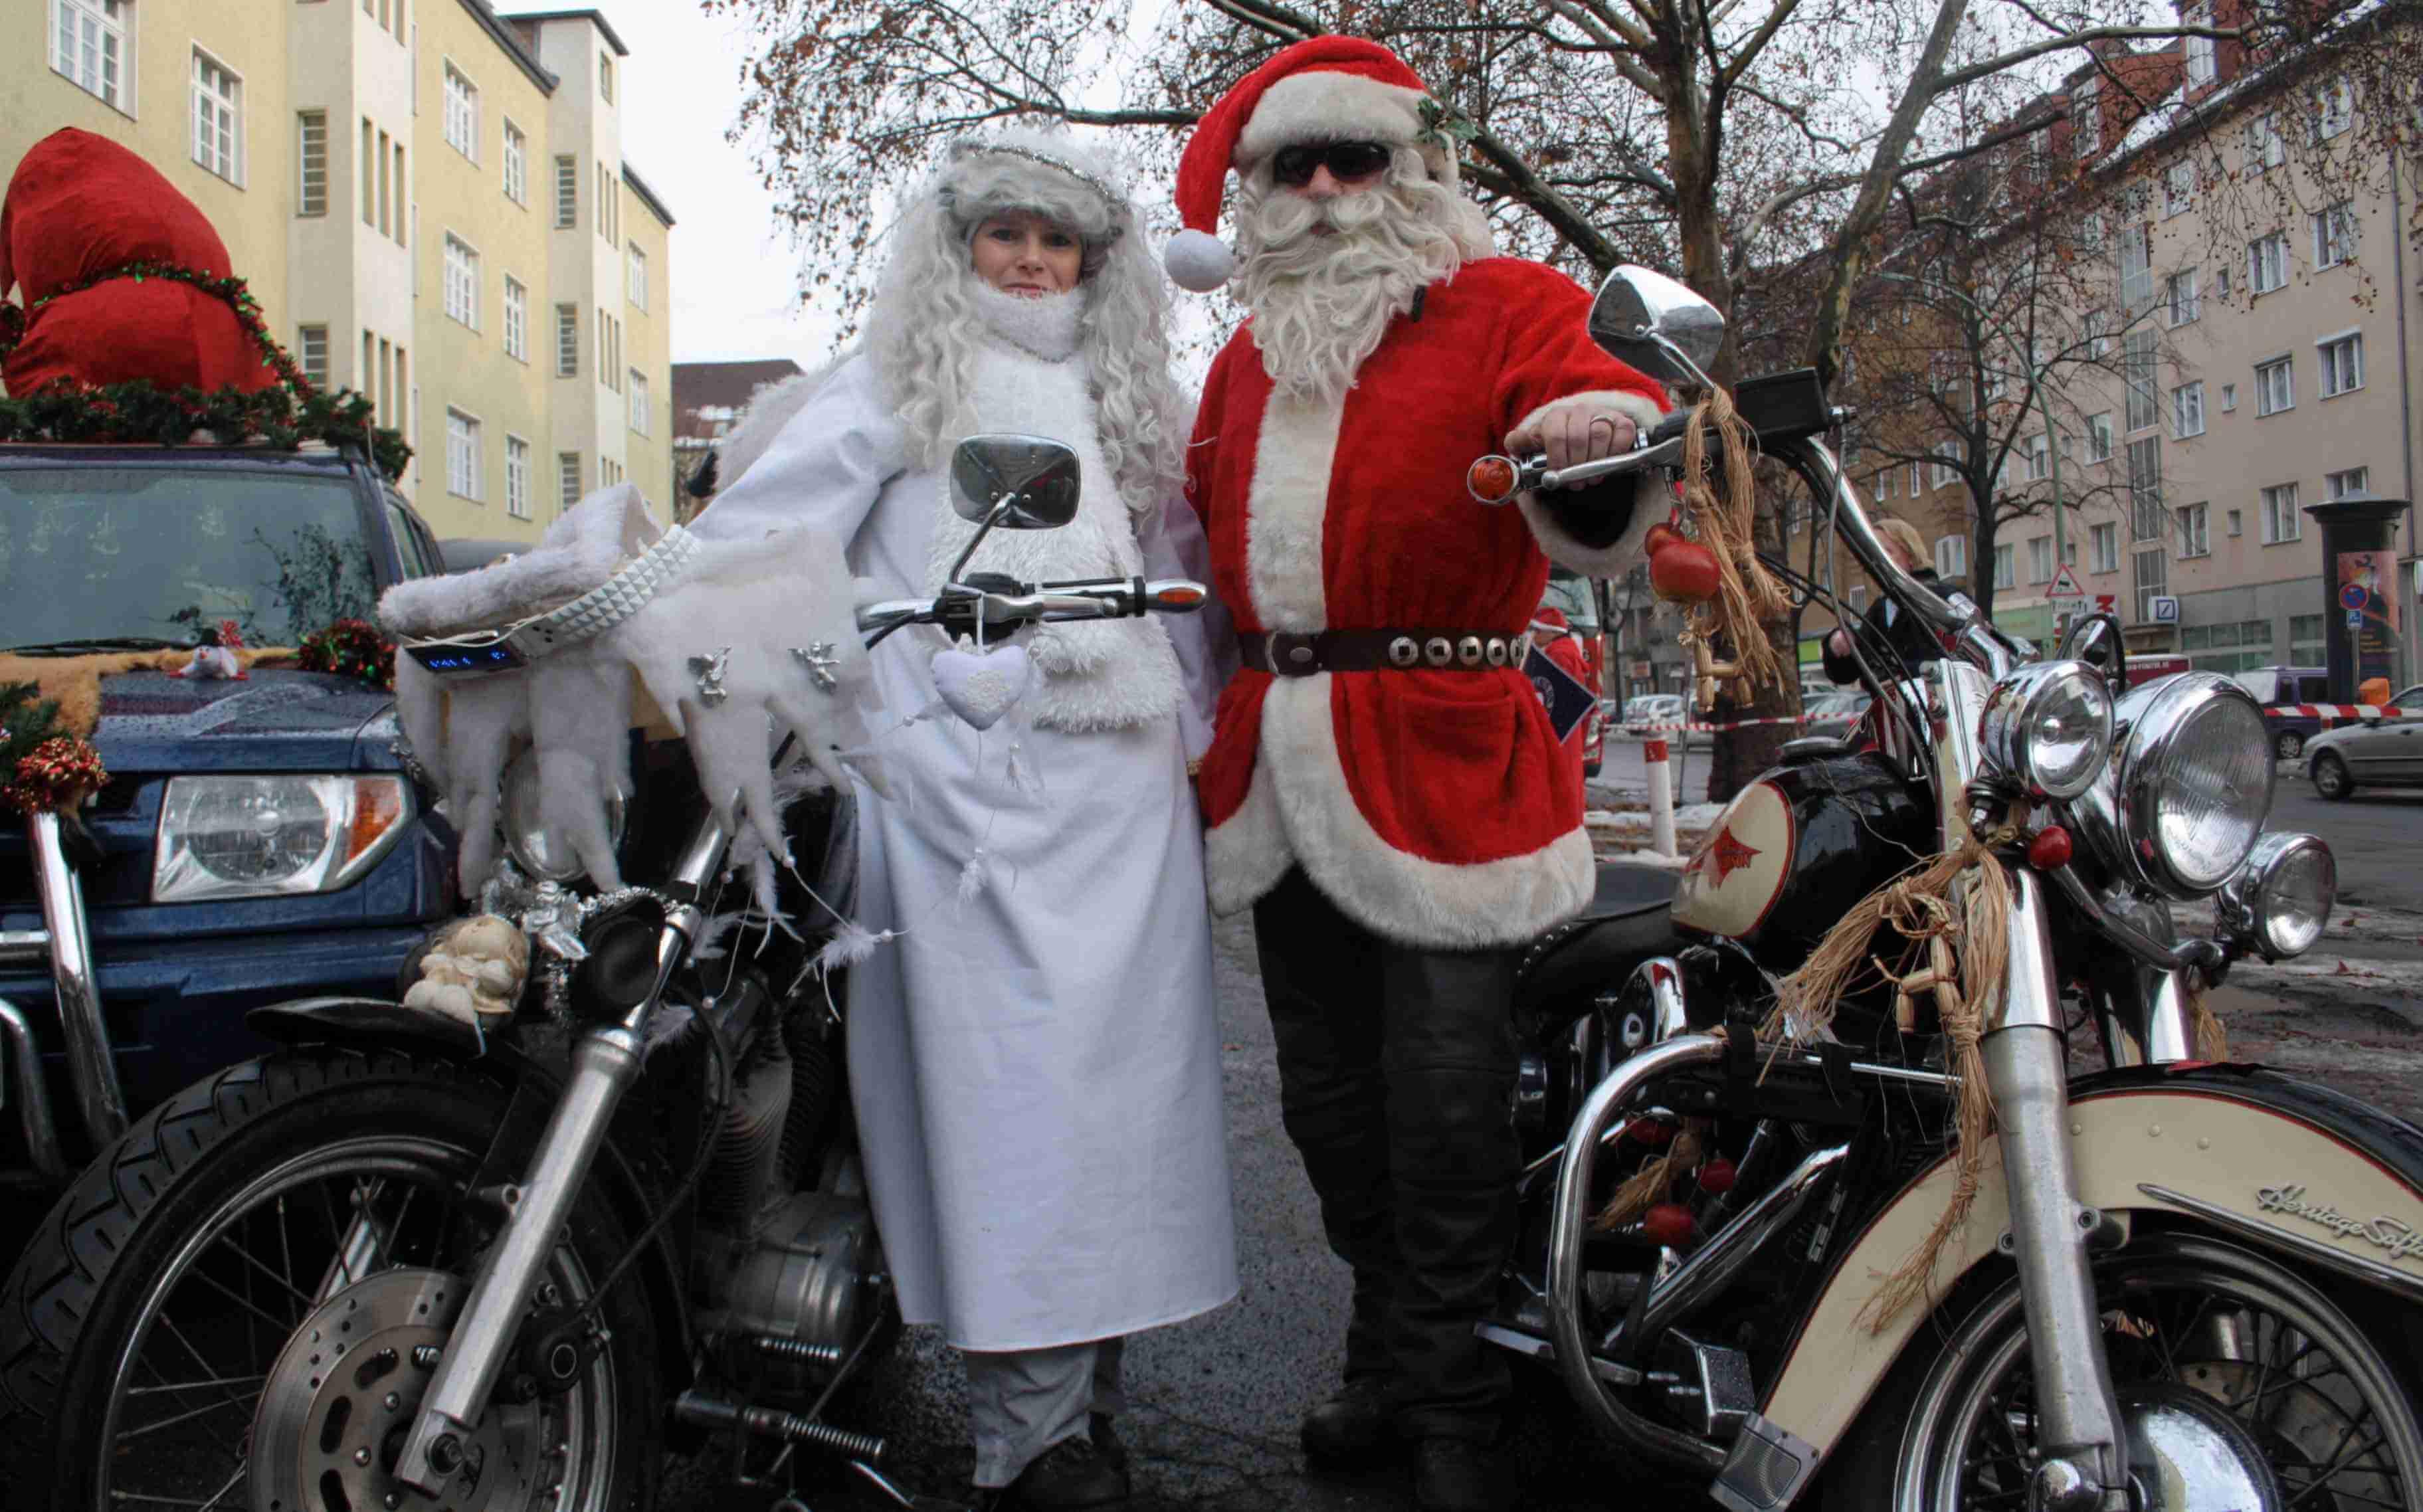 Für Christmas-Biker taut das Eis: Weihnachtsmänner auf Motorrädern helfen Bedürftigen